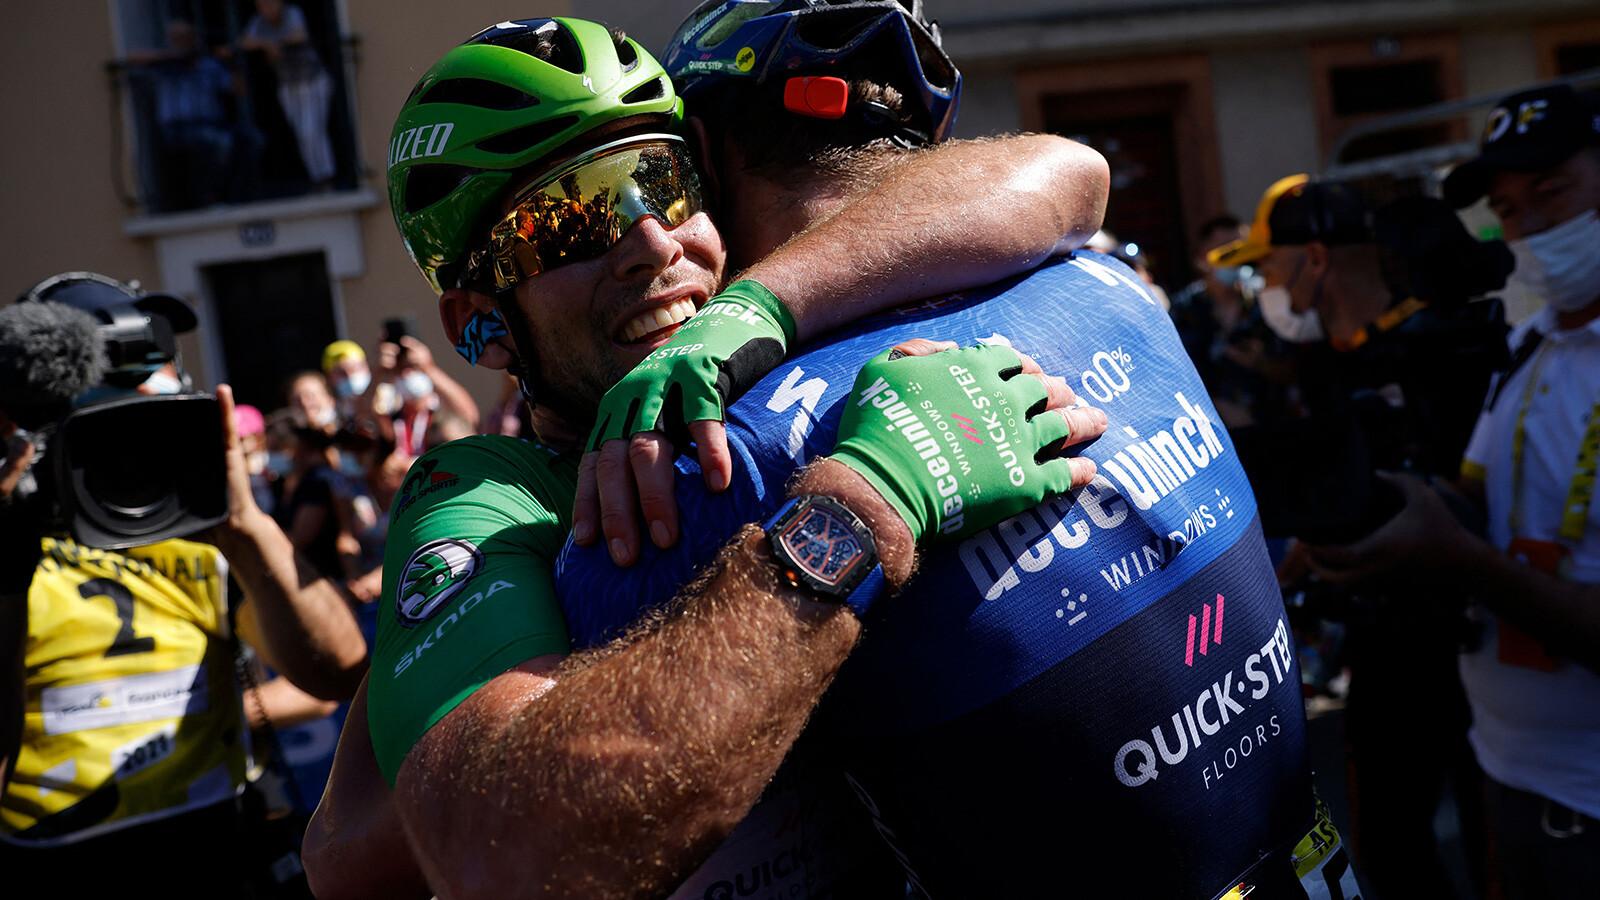 British cyclist Mark Cavendish equals Eddy Merckx's Tour de France record